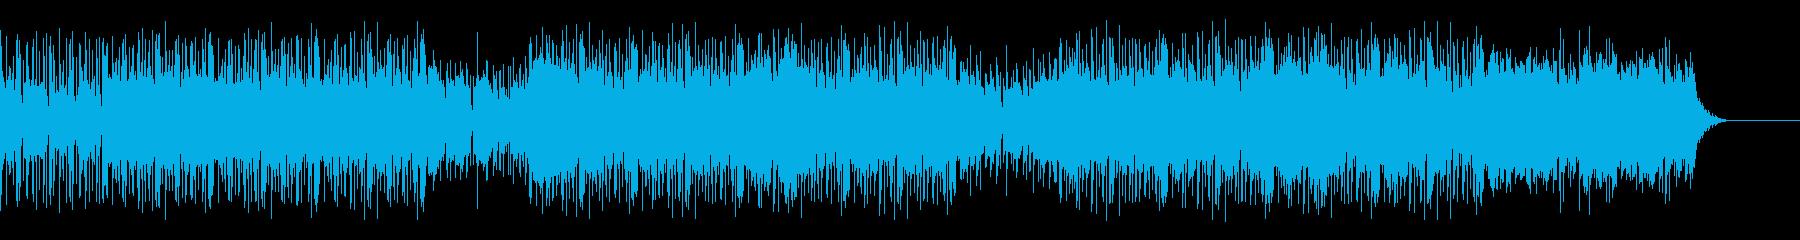 ラテンをテーマにしたインストゥルメ...の再生済みの波形